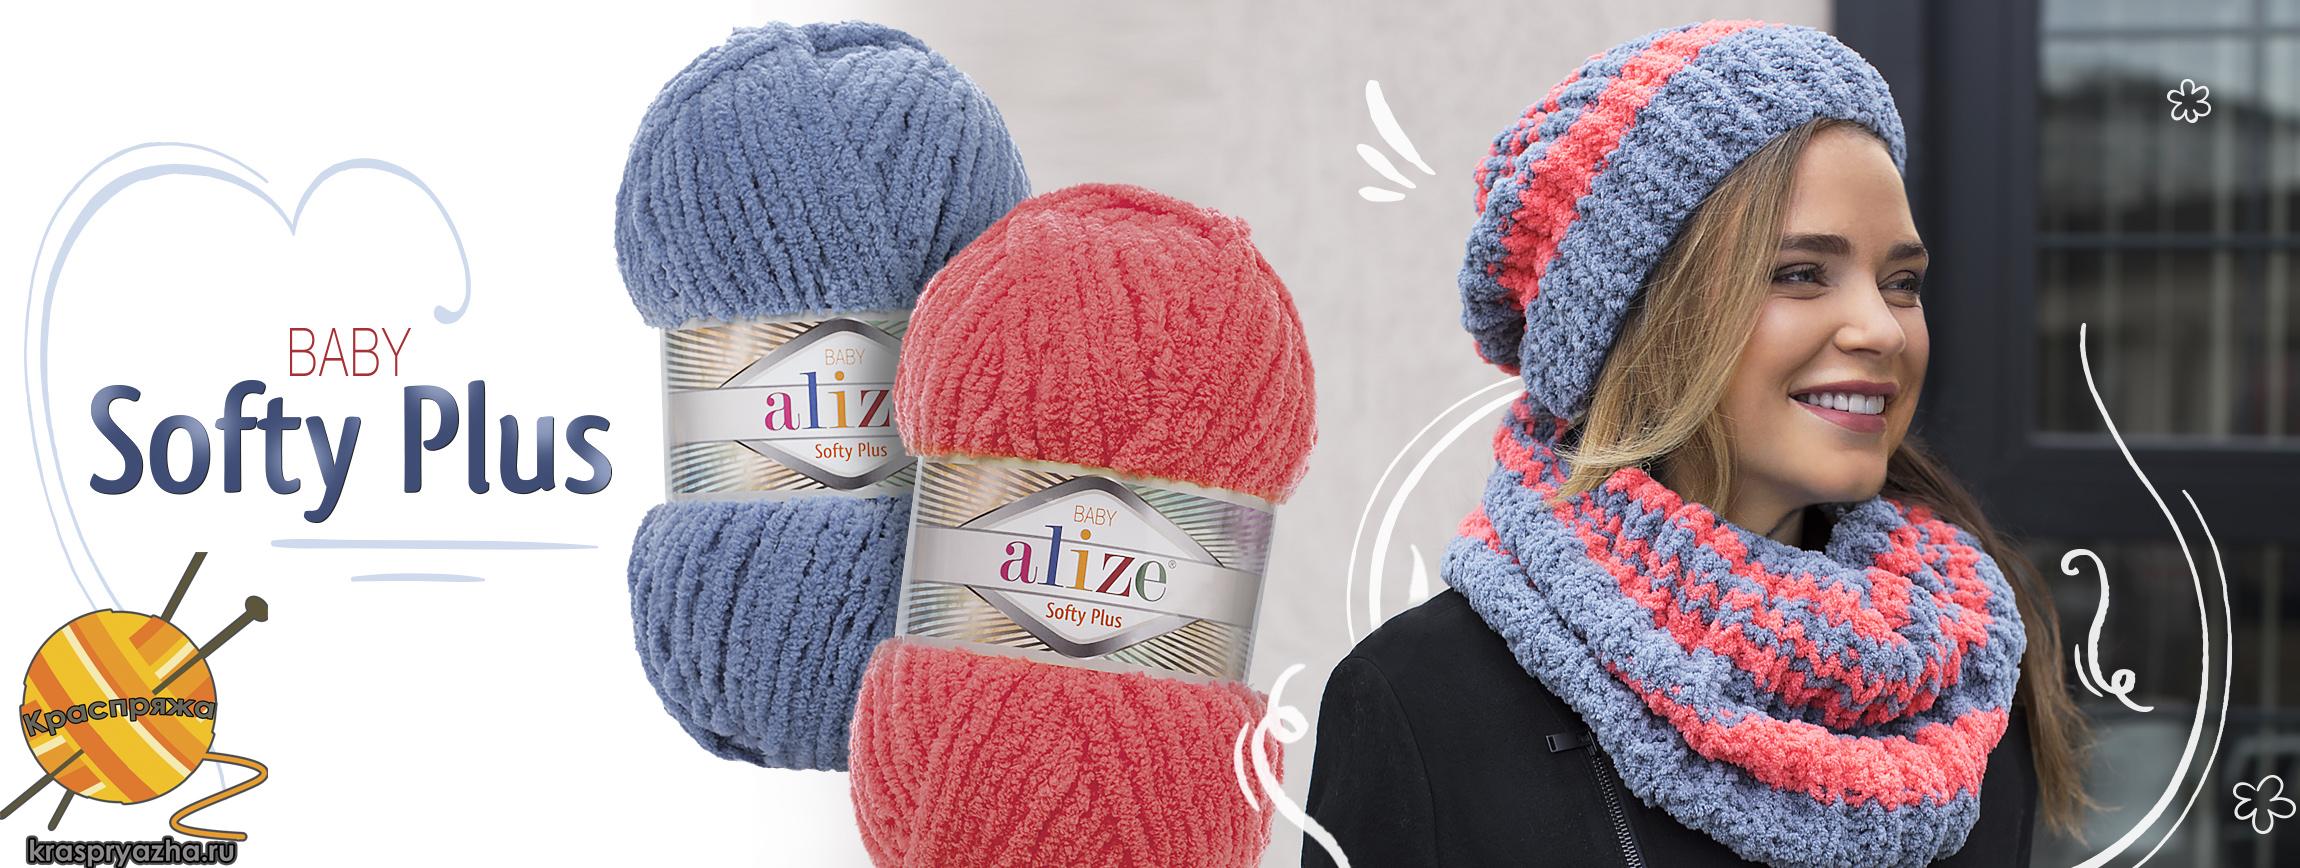 Alize-Softy-Plus